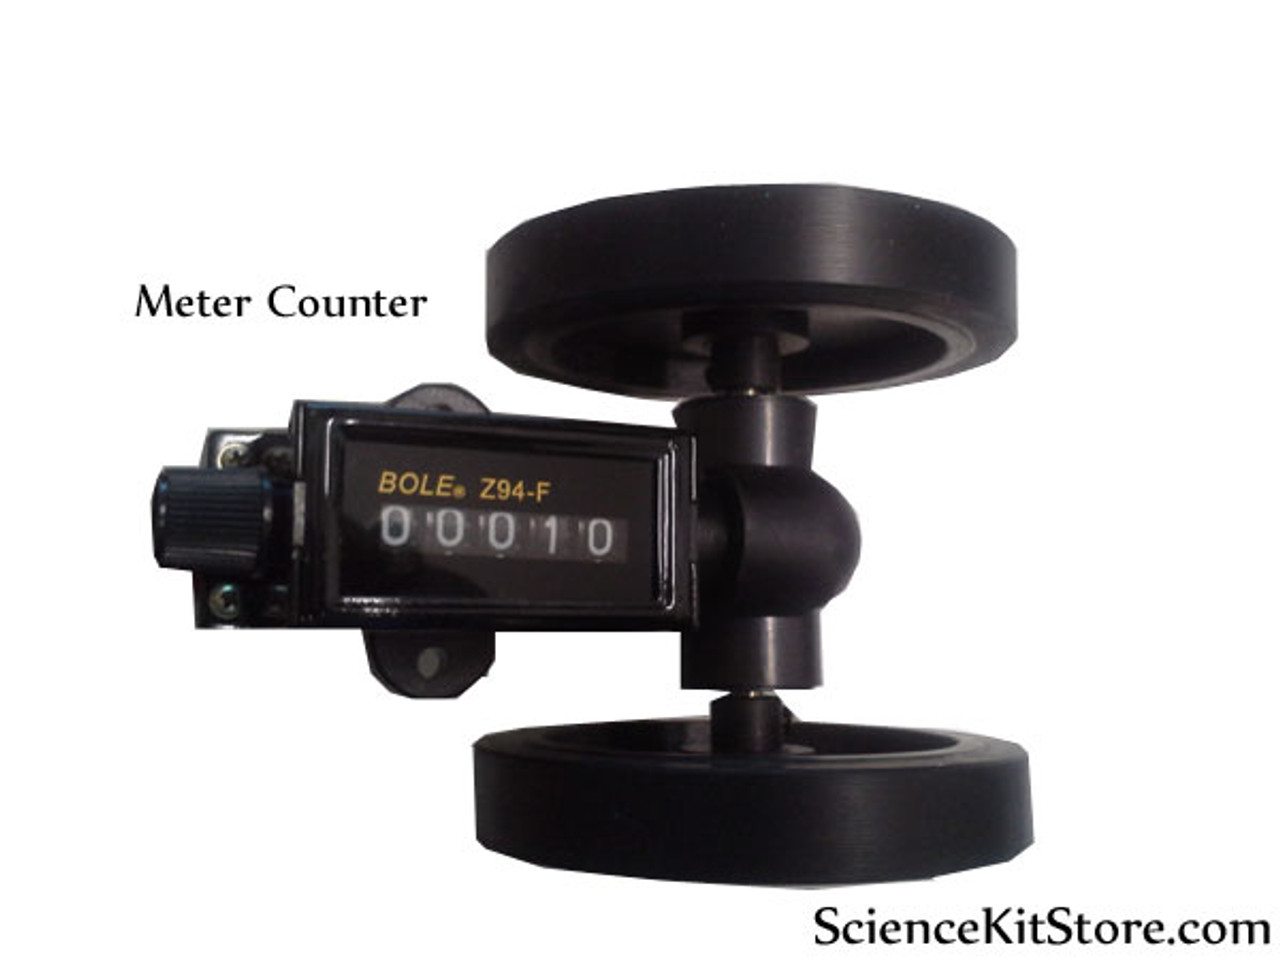 Metric measuring wheel, Meter Counter, Rolling Type